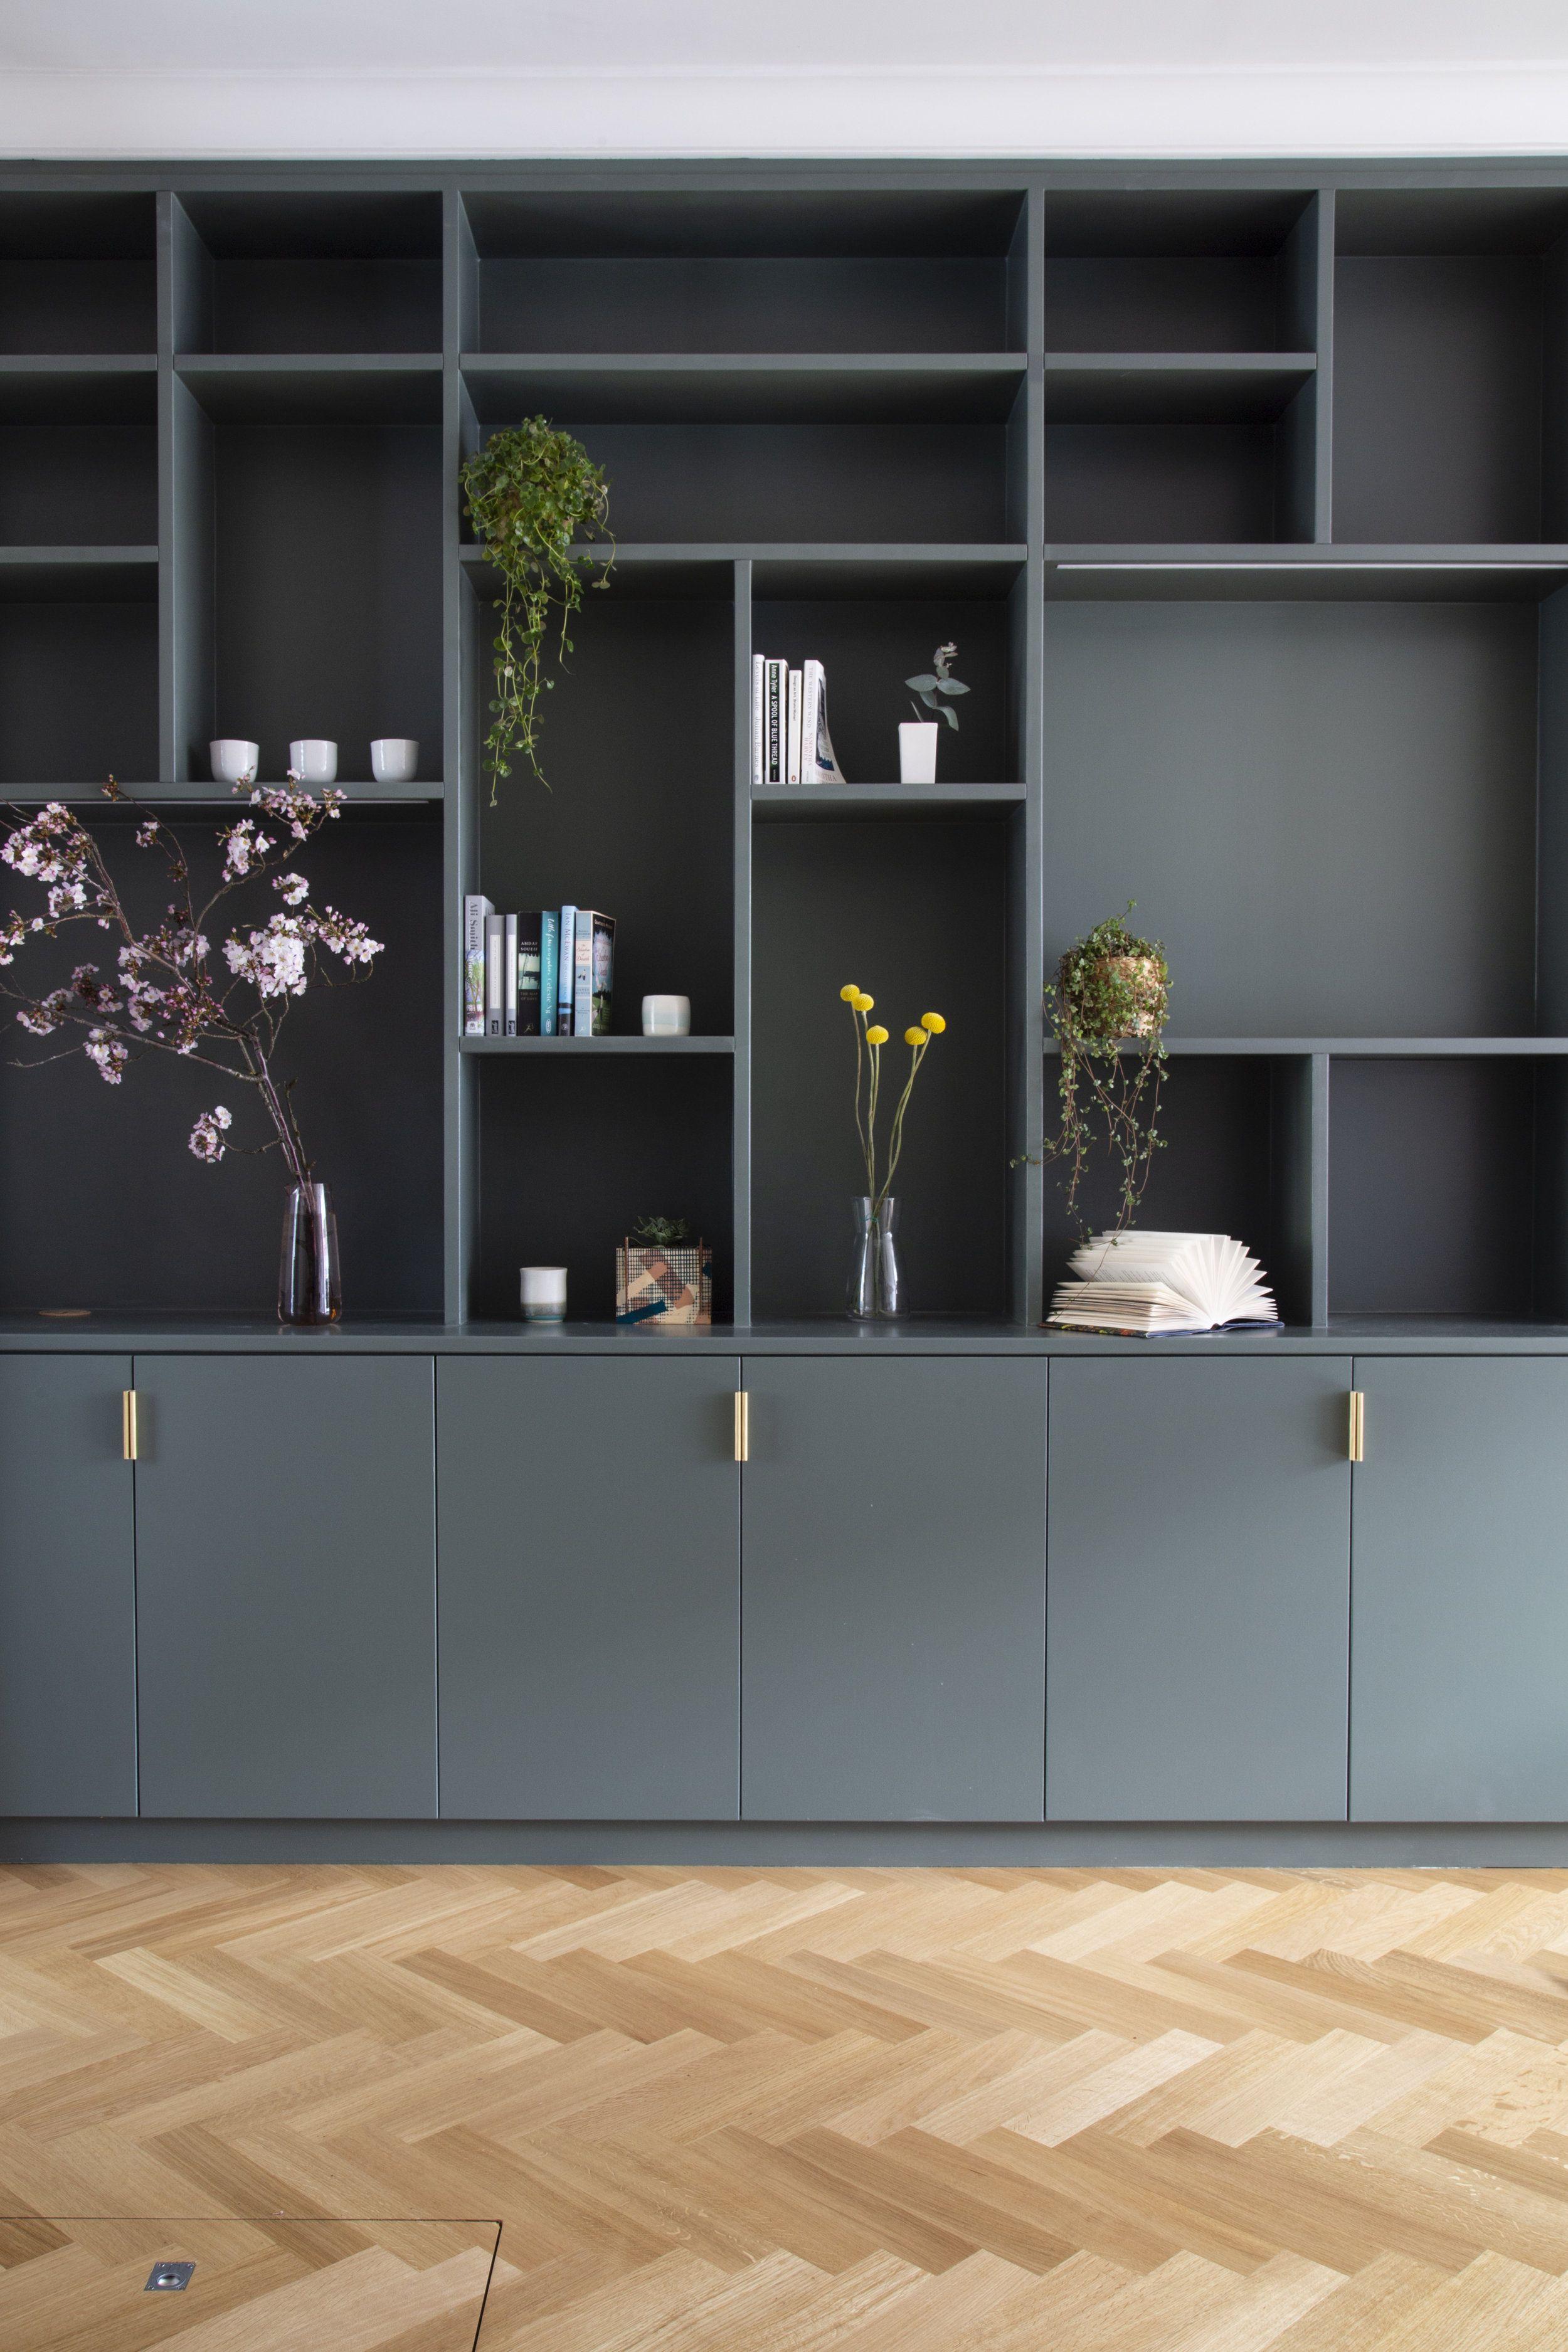 Epingle Par Silke Durben Sur Einrichtungsideen 2020 Interieur Maison Design Armoire De Salon Decoration Murale Chambre Bebe